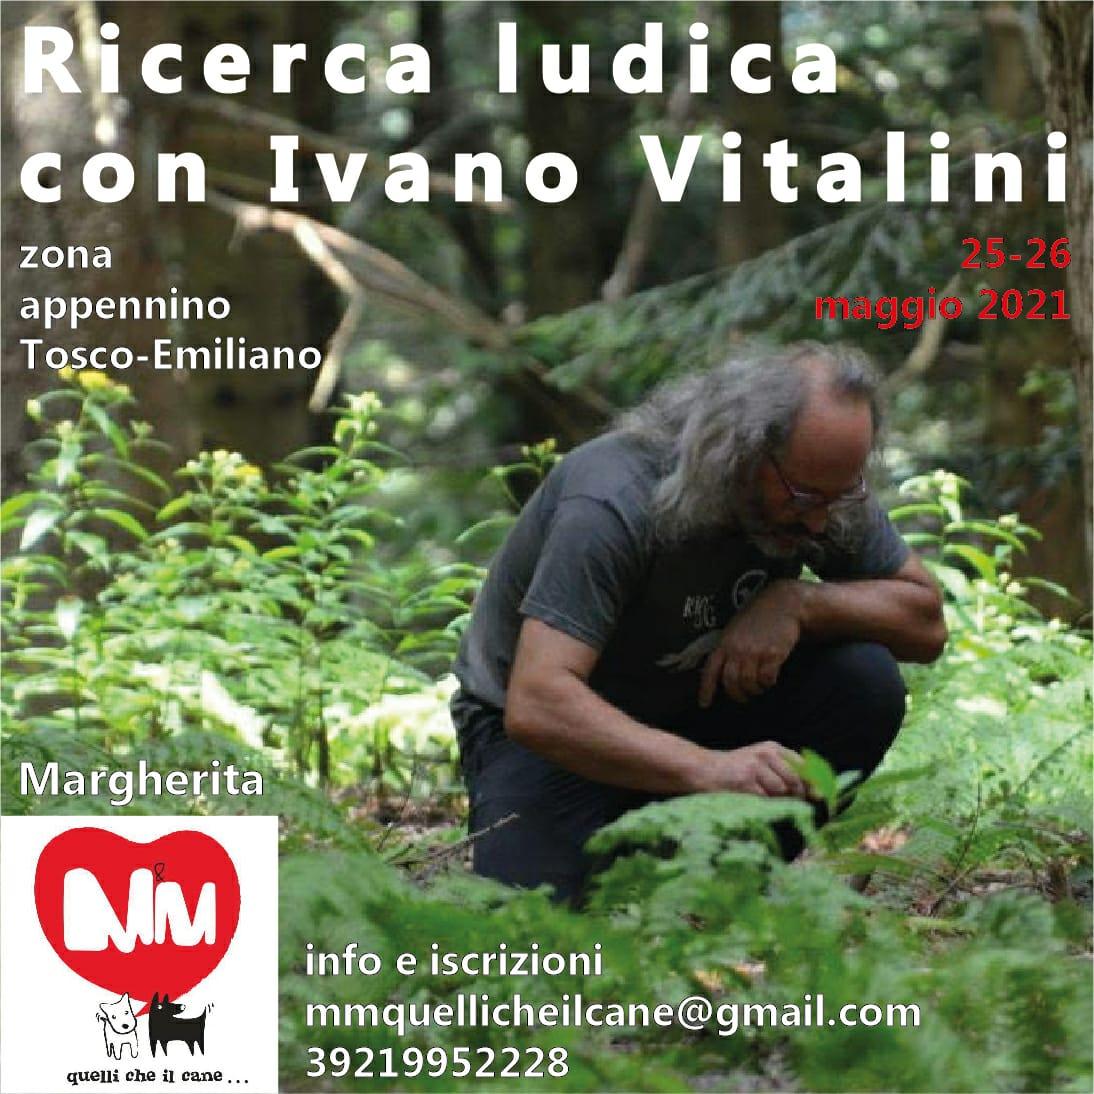 25 e 26 Maggio 2021 - Stage di Ricerca ludica con Ivano Vitalini